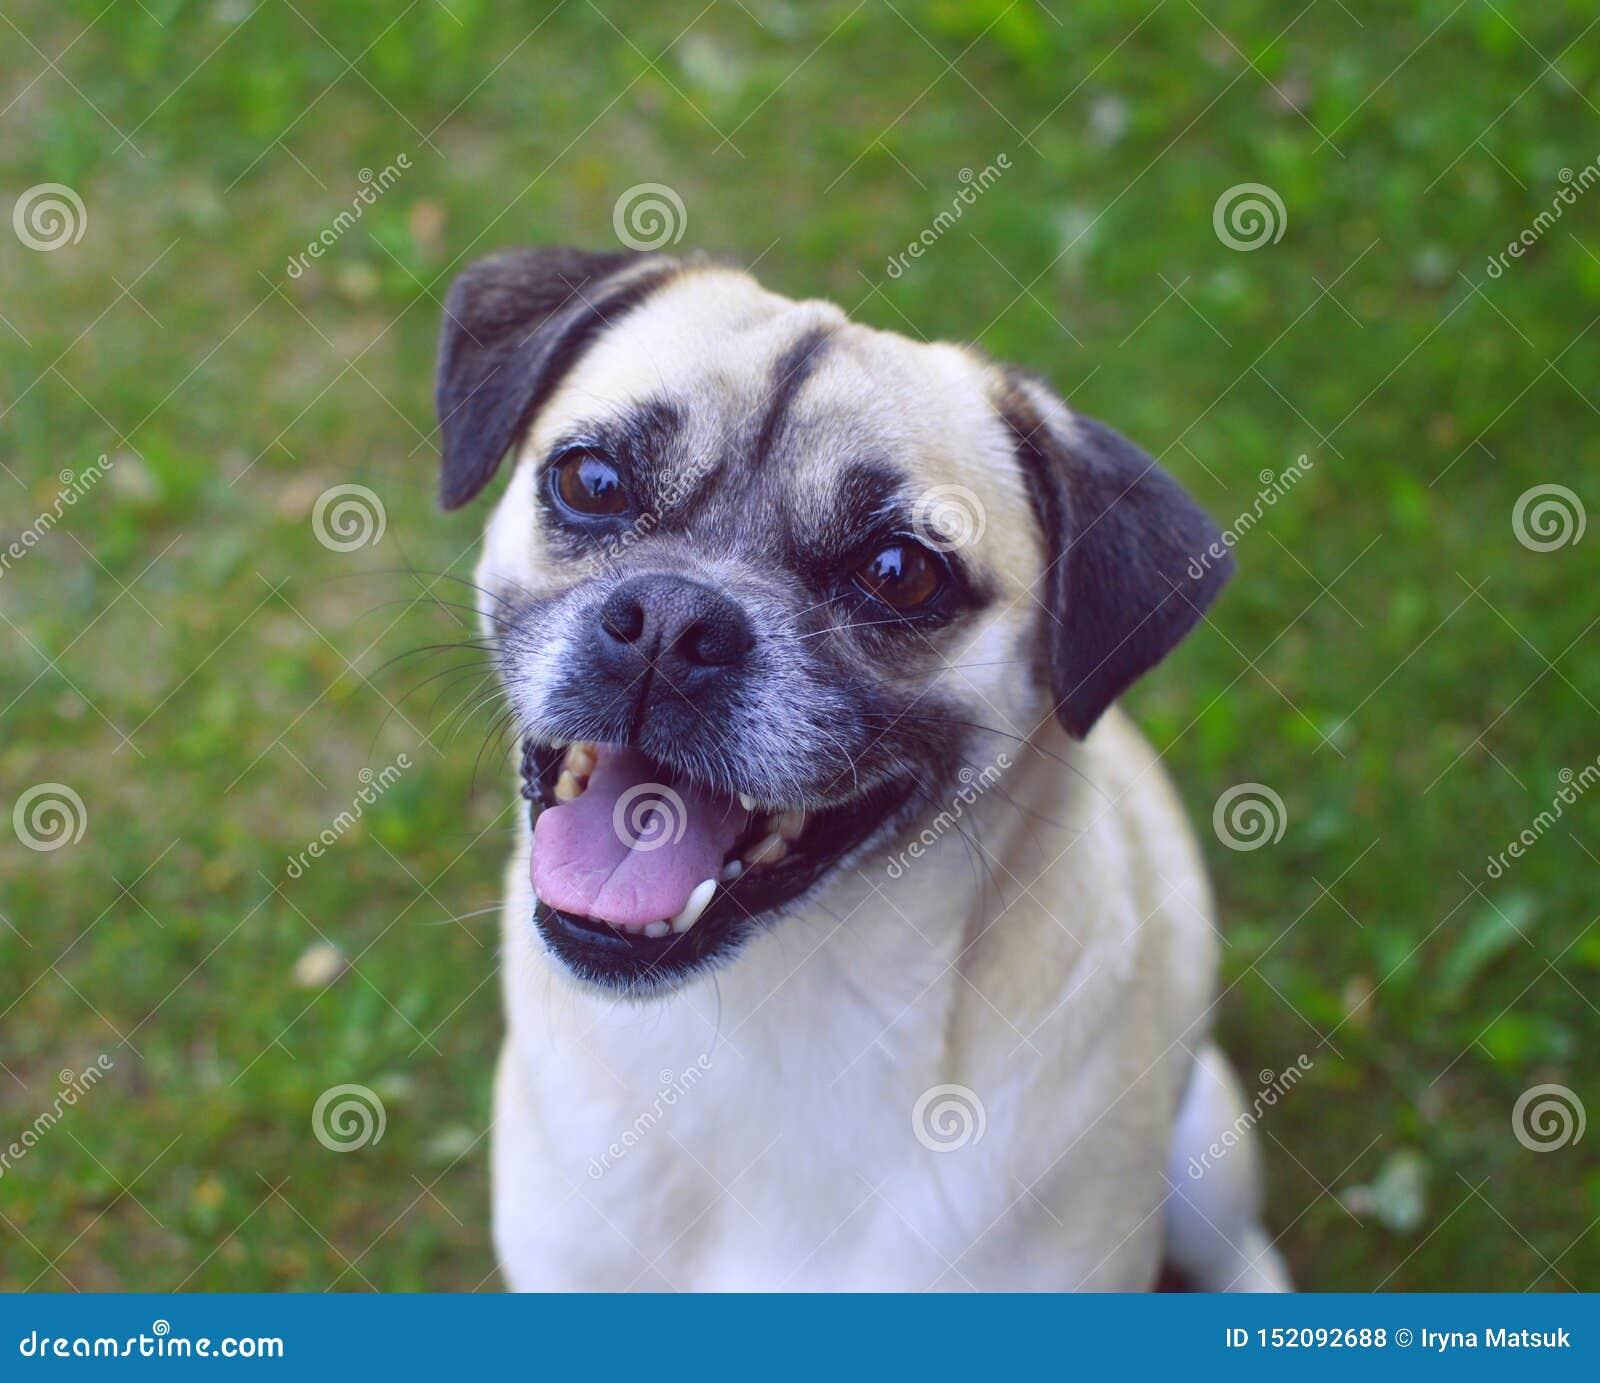 Sorrisos bonitos do Pug a um homem com uma câmera